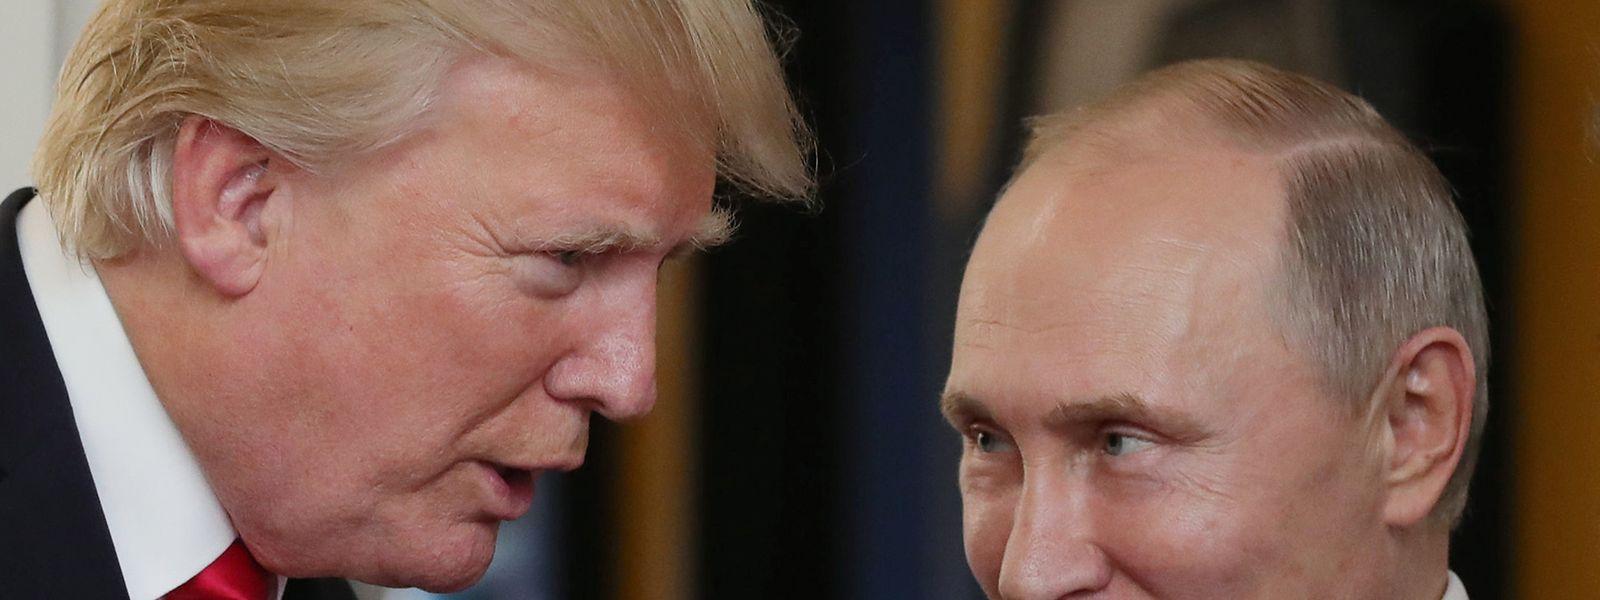 Ein Händeschütteln zwischen US-Präsident Donald Trump und Russlands Präsident Wladimir Putin beim APEC-Gipfel in Da Nang (Vietnam).